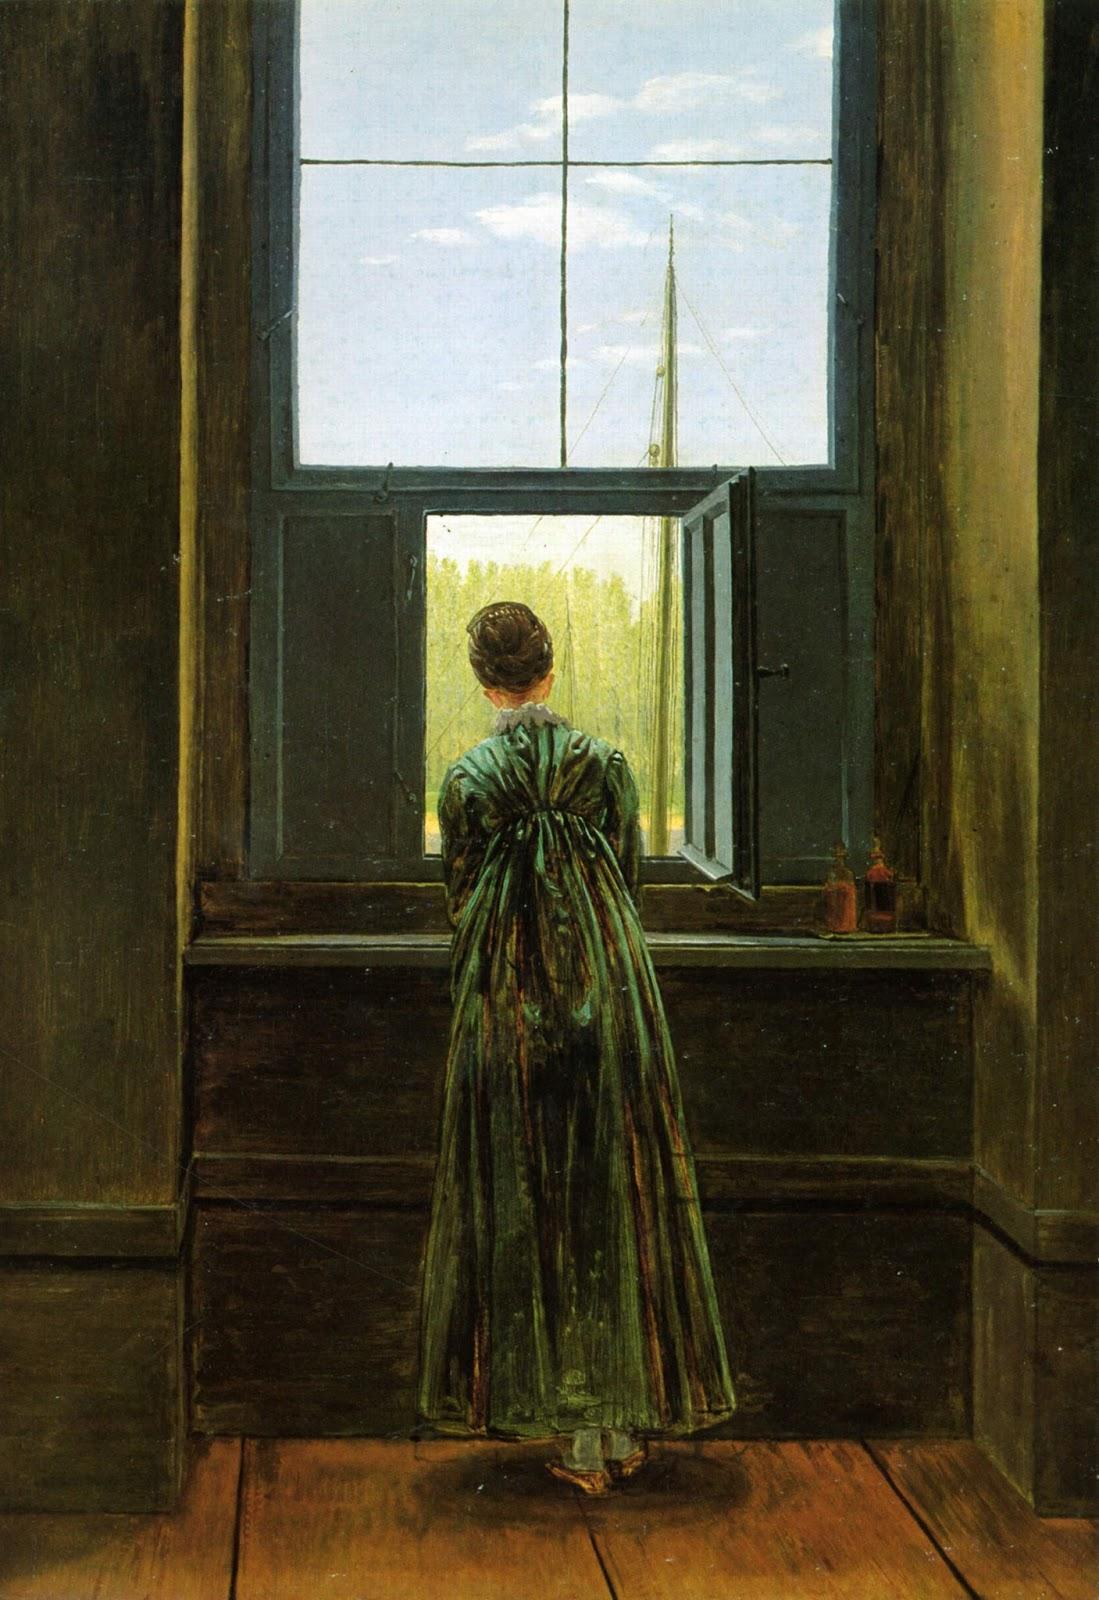 Finestre su arte cinema e musica porte e finestre - Finestre sull arte ...